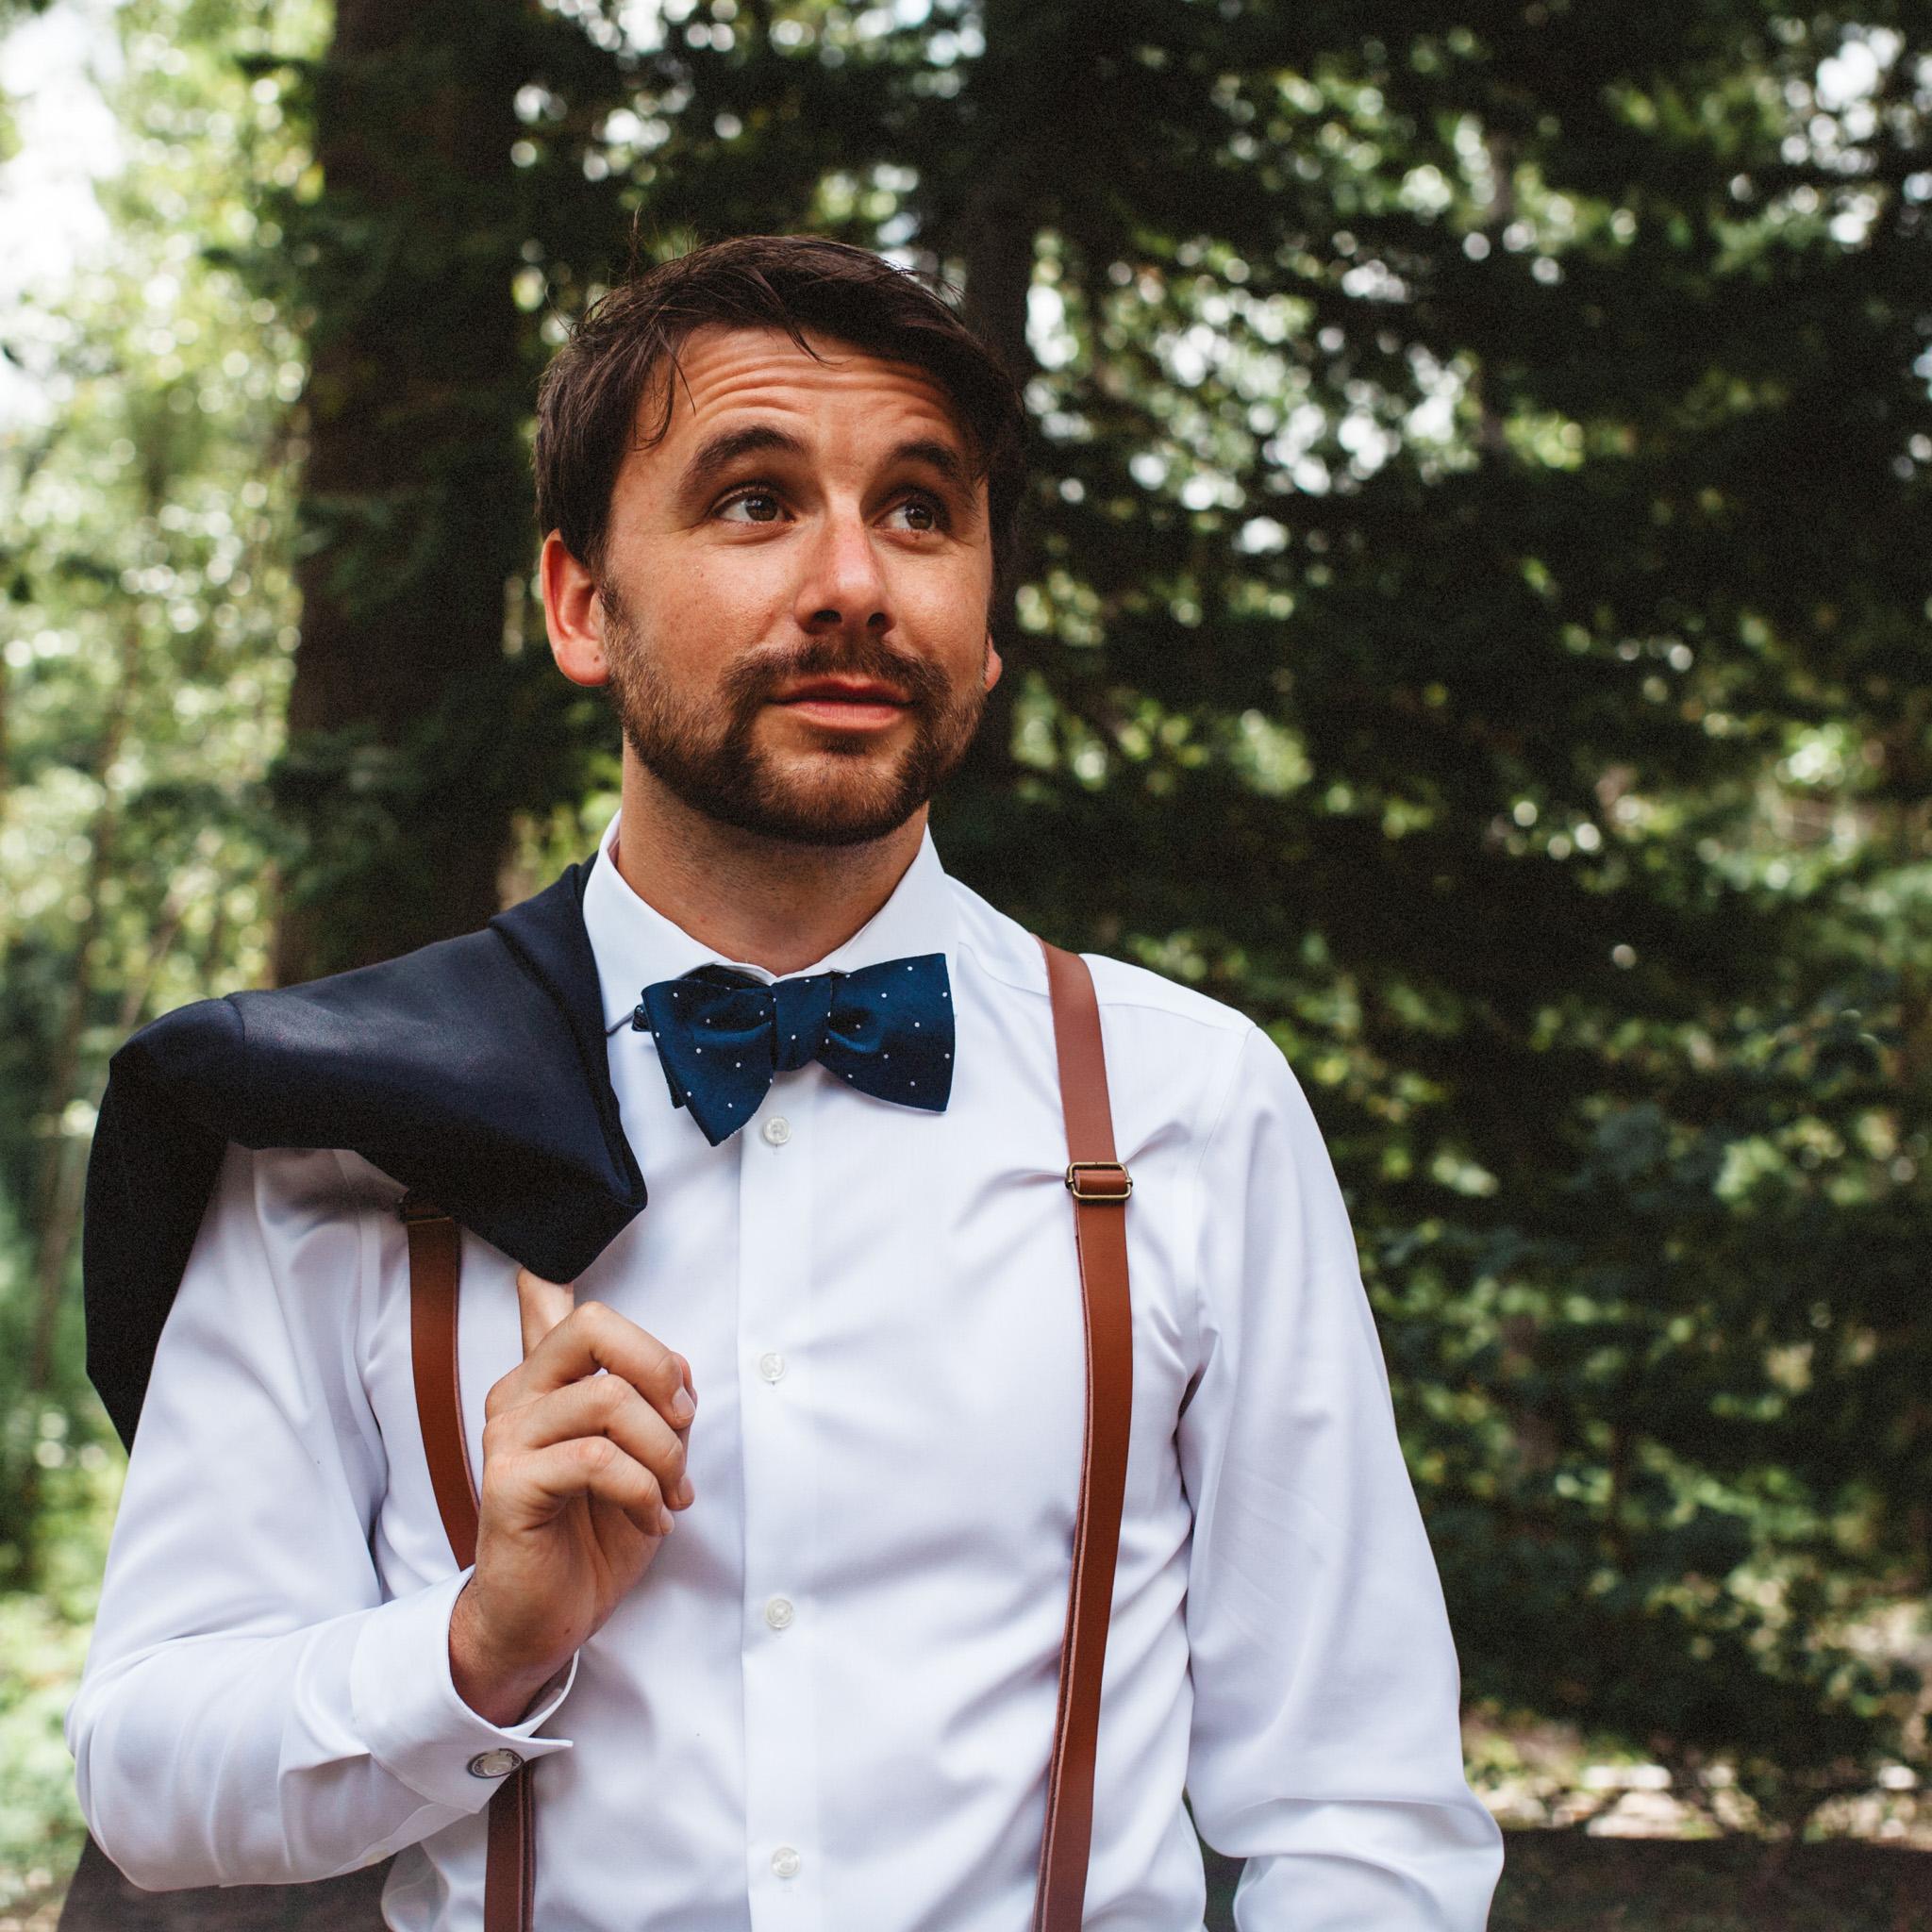 Groom | Wedding Style